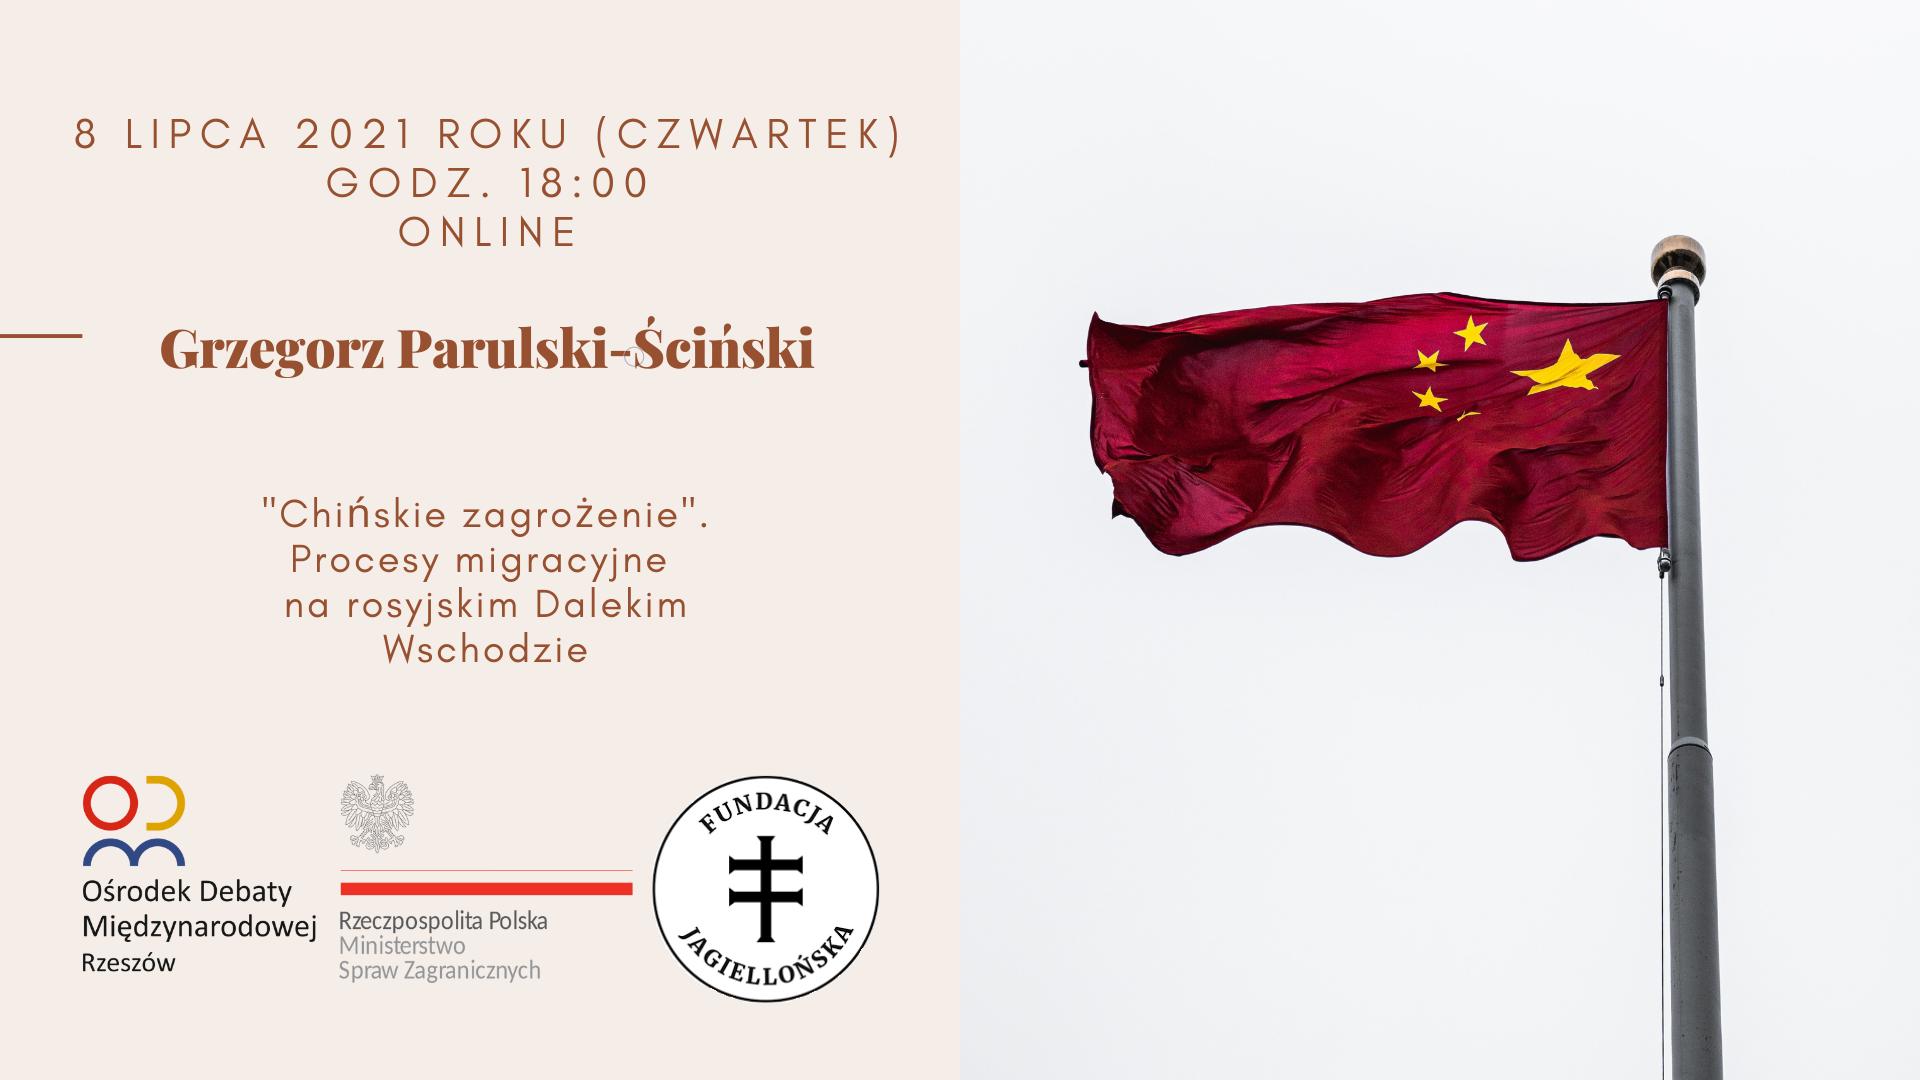 Grzegorz Parulski-Ściński